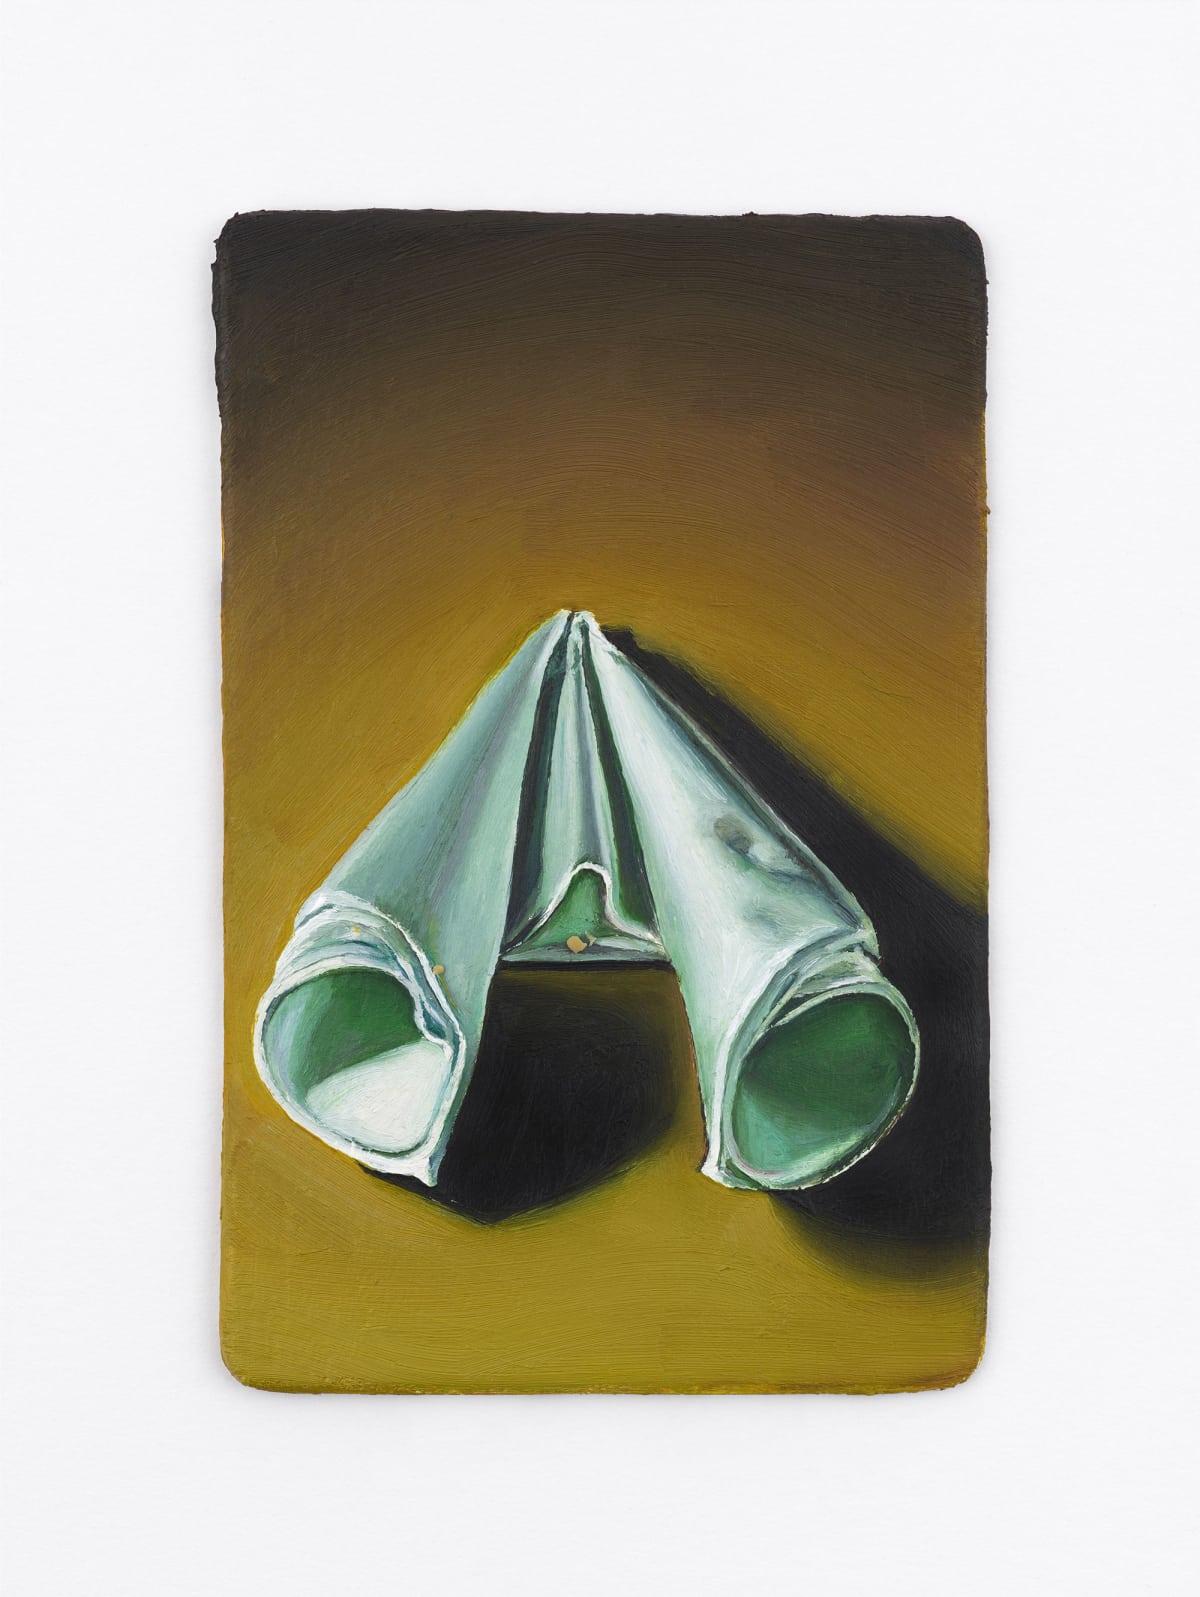 Leopold RABUS, Tableau d'intérieur, 2018